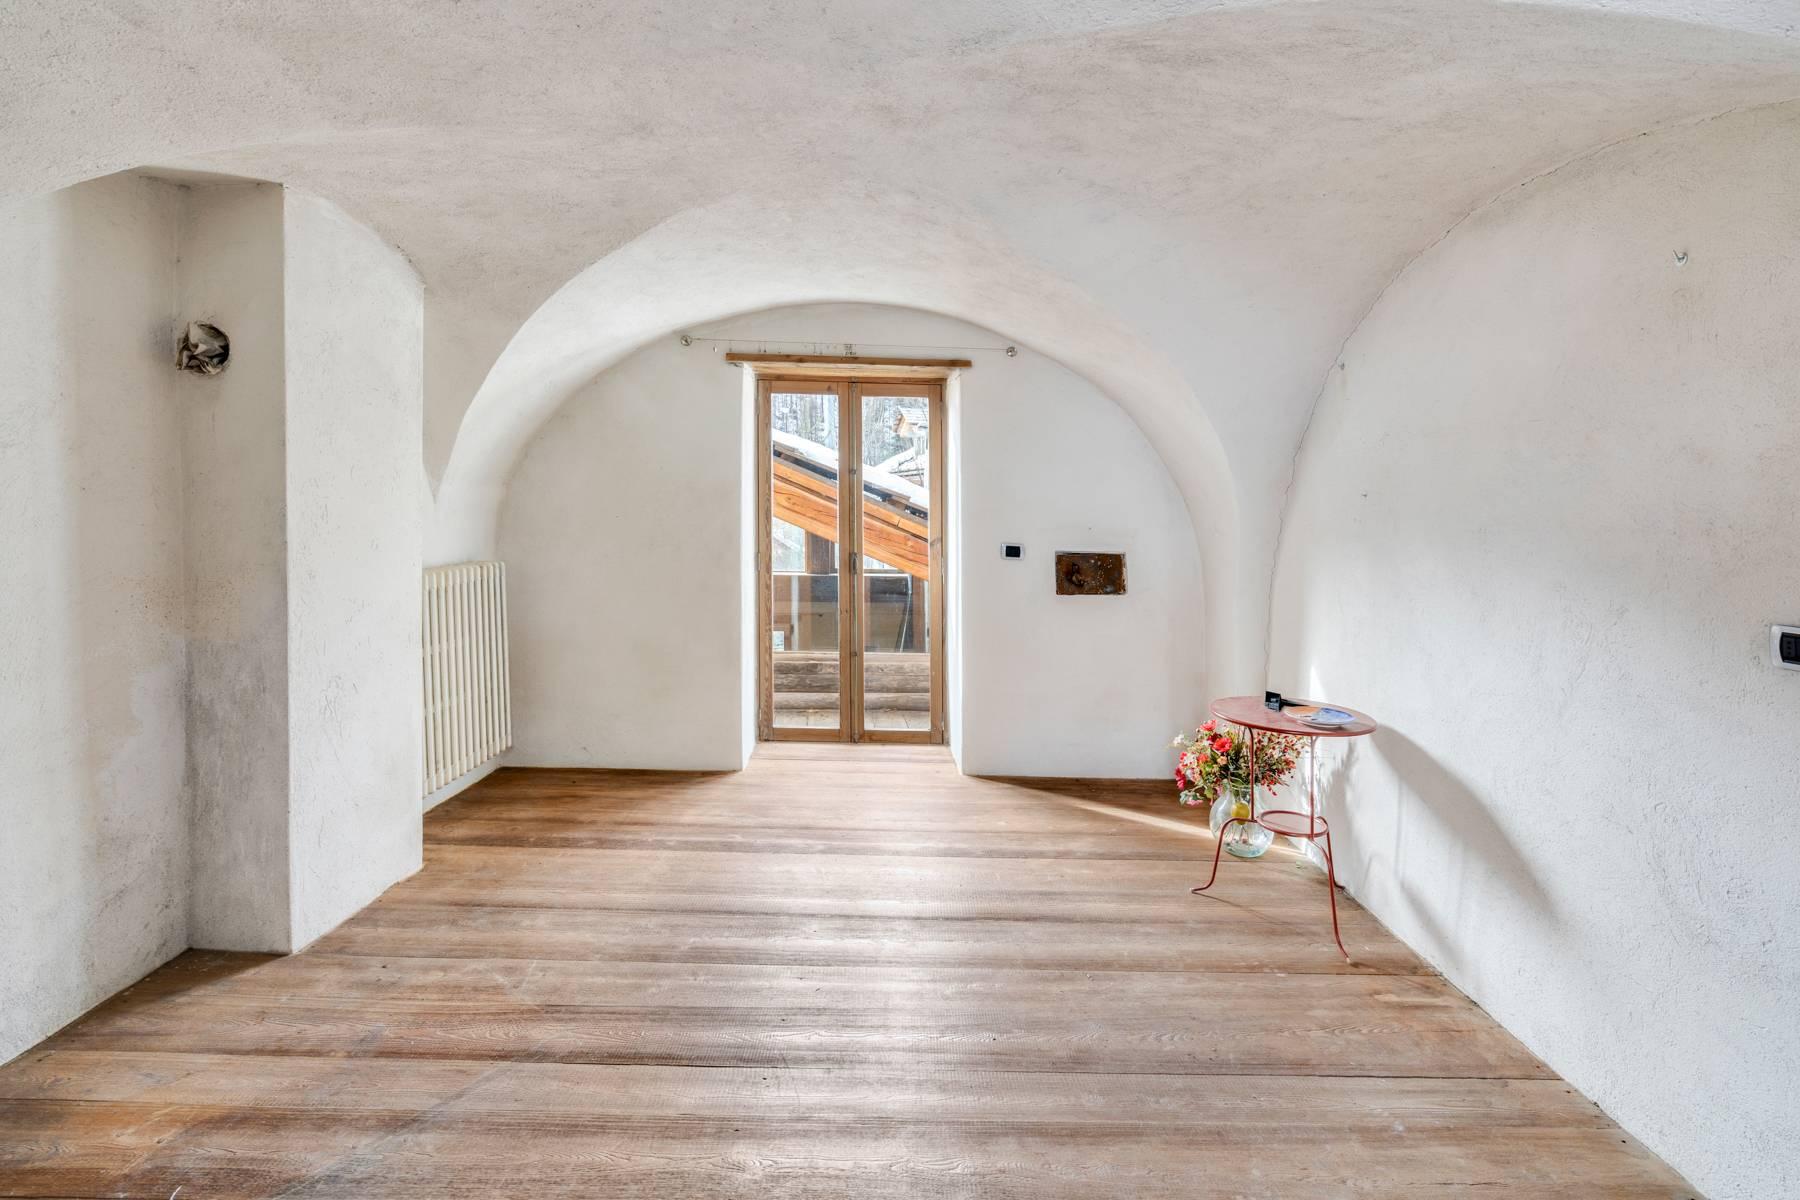 Casa indipendente in Vendita a Cesana Torinese: 5 locali, 180 mq - Foto 5